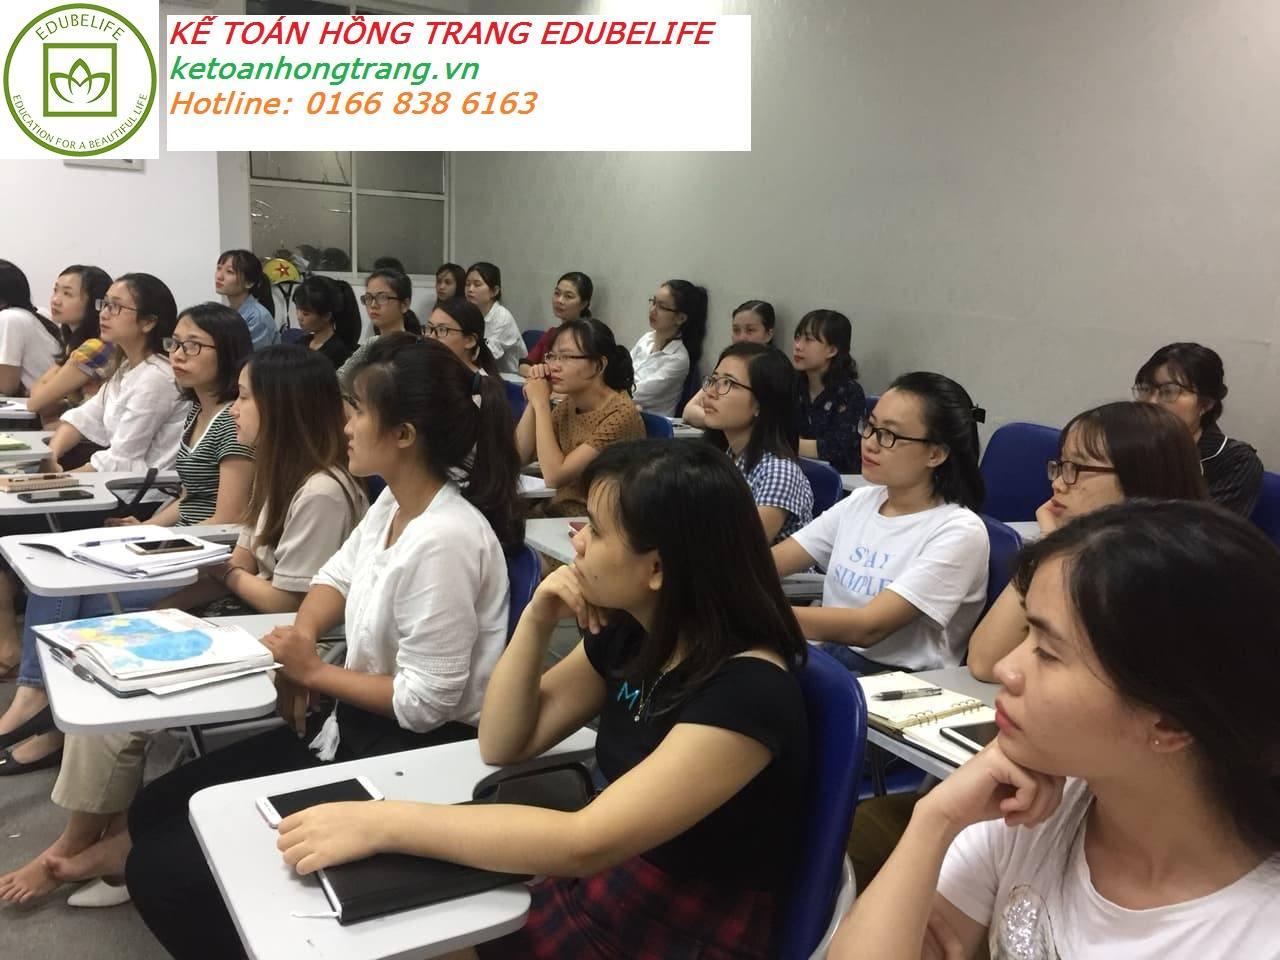 Khai giảng lớp Kế toán tổng hợp giỏi L1K47